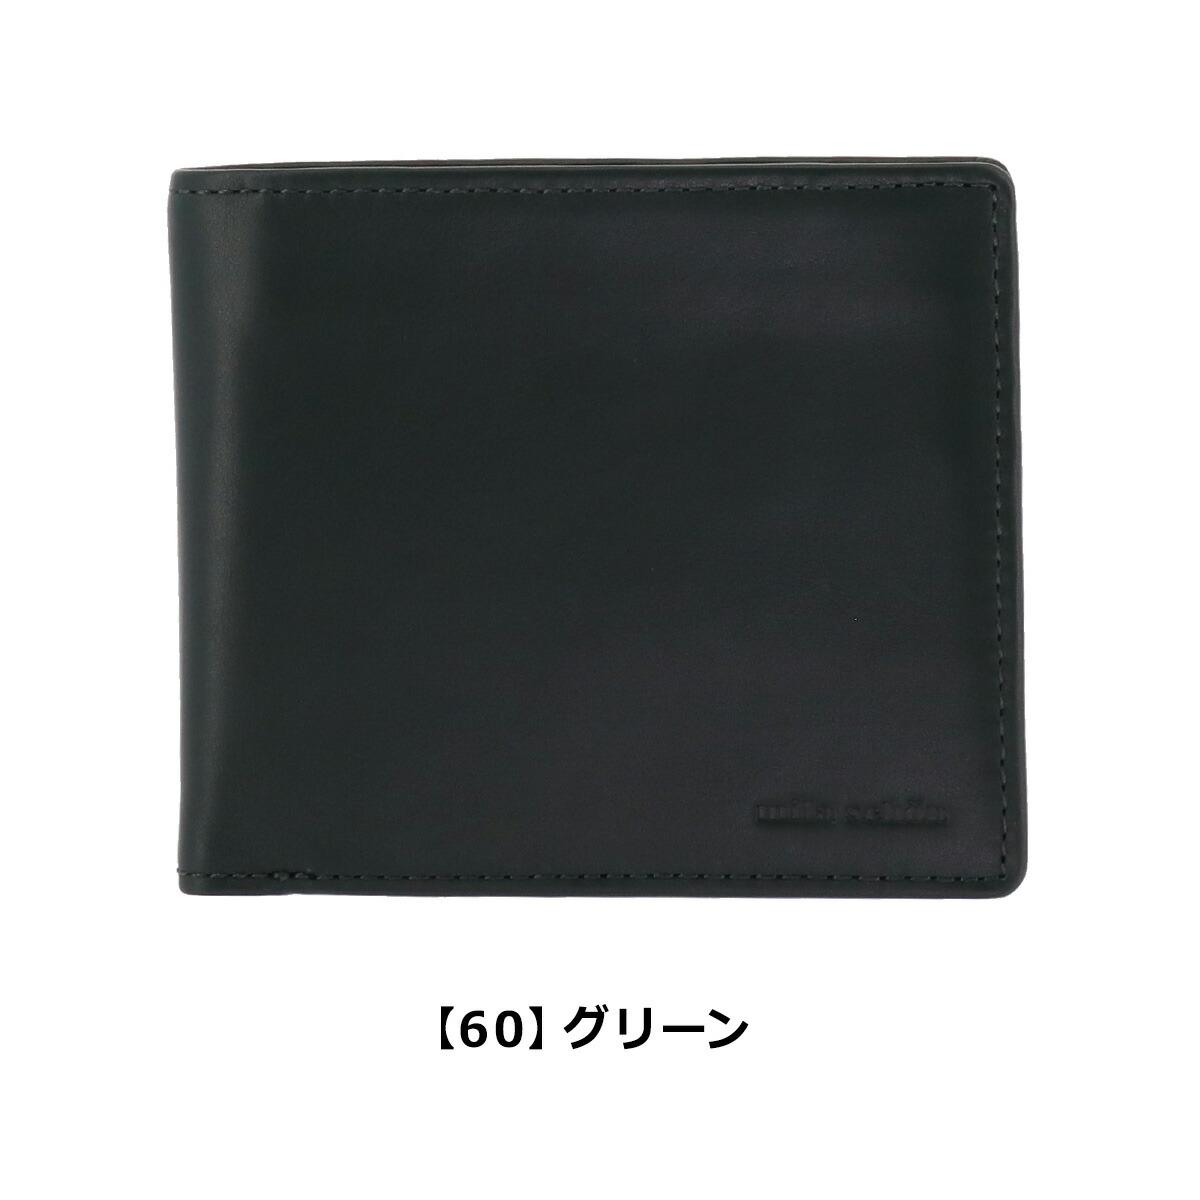 【60】グリーン